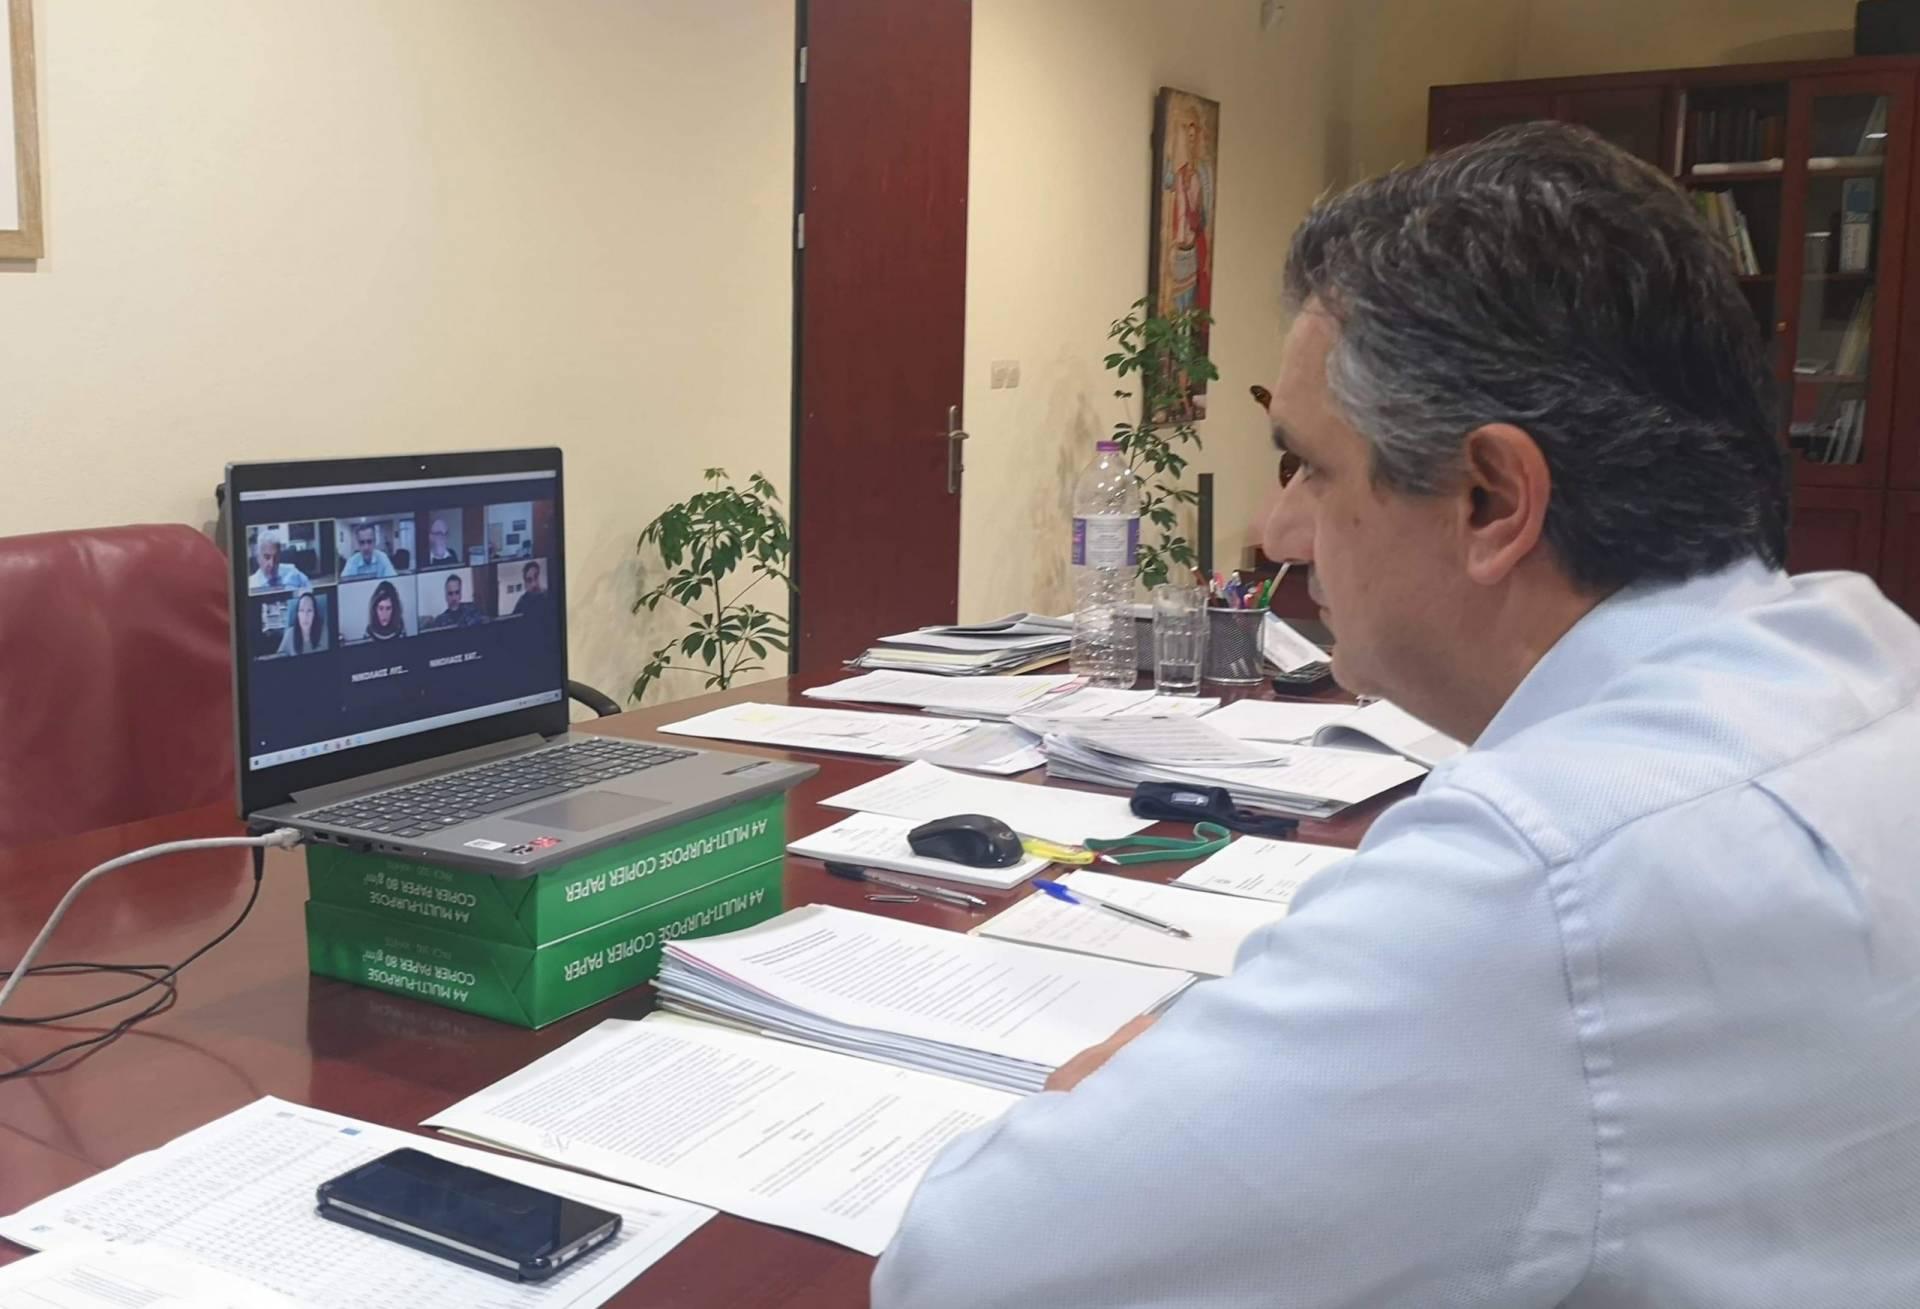 Απόφαση για τη δημιουργία Ειδικού Φορέα Διαχείρισης ΒΙ.ΠΕ Κοζάνης και Φλώρινας για να ξεπεραστούν οι ολιγωρίες δεκαετιών